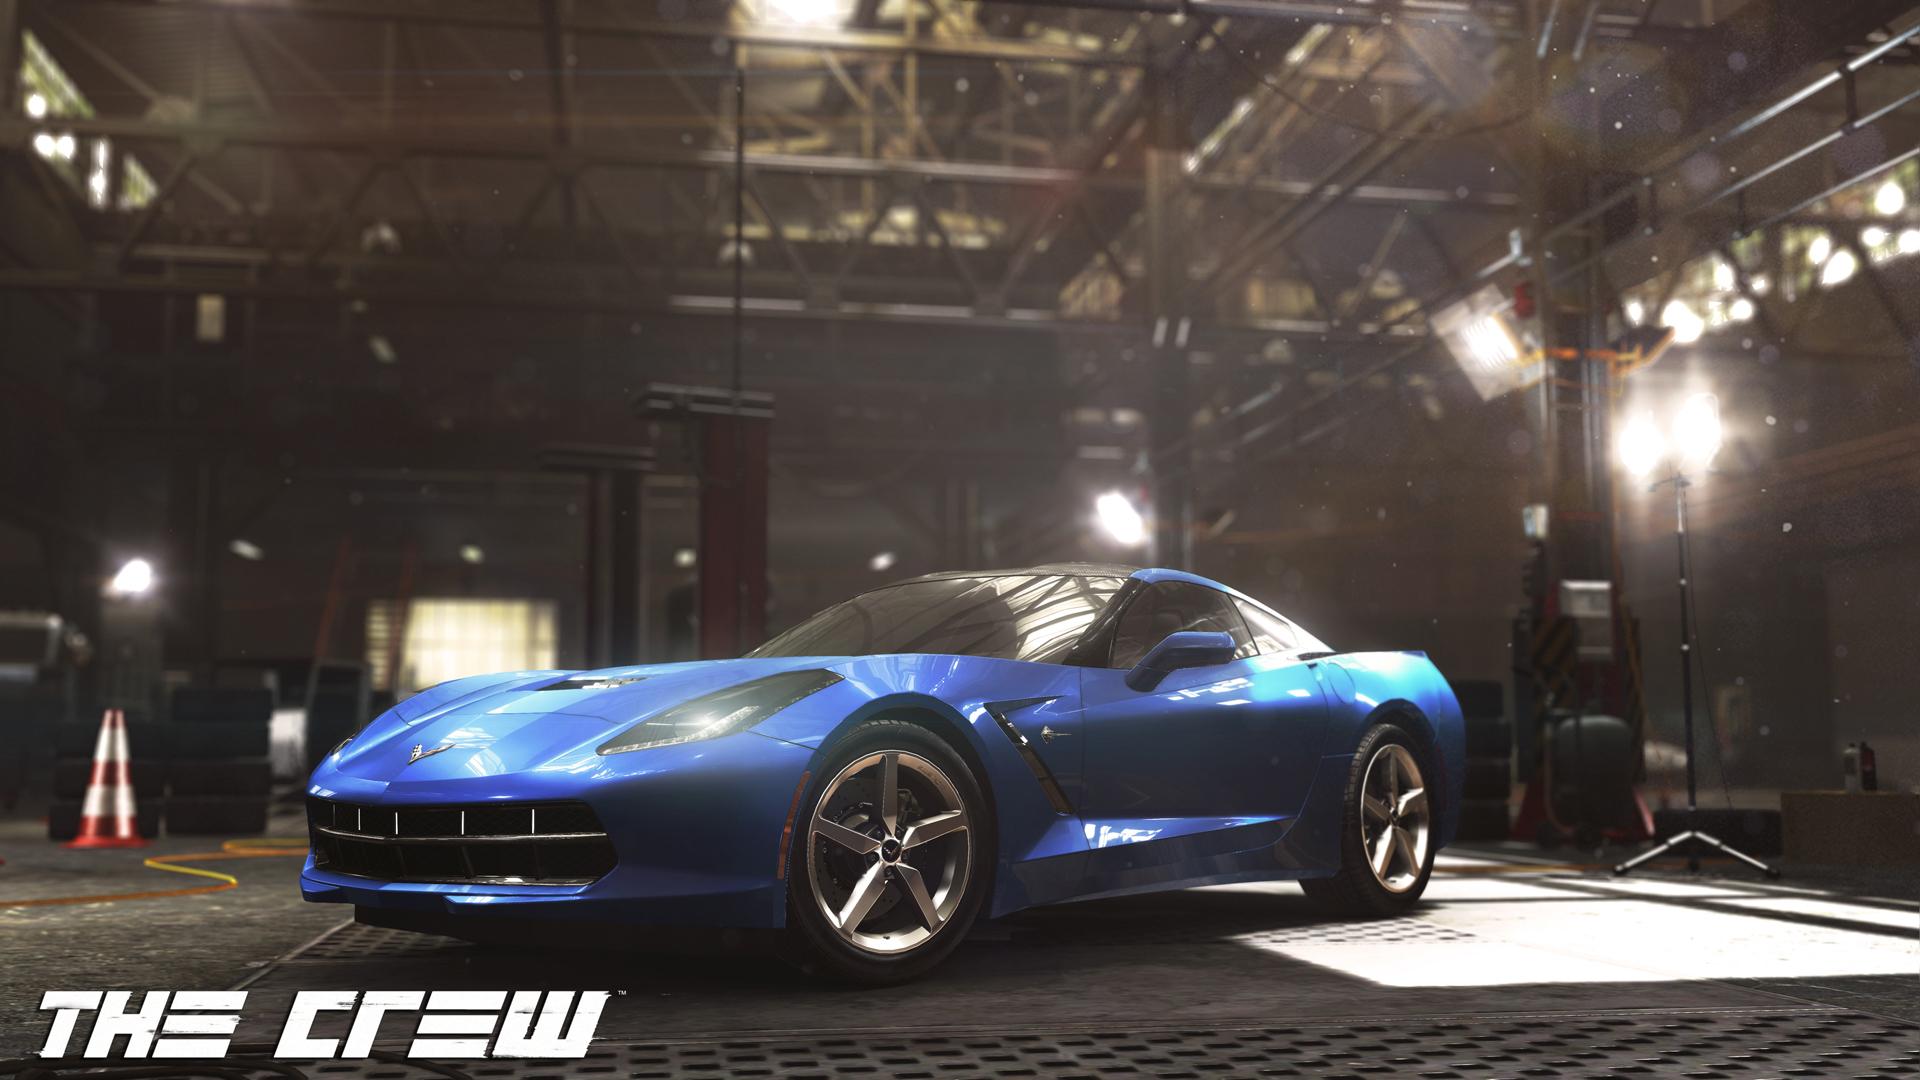 Chevrolet Corvette C7 Stingray 2014 Ubisofts The Crew